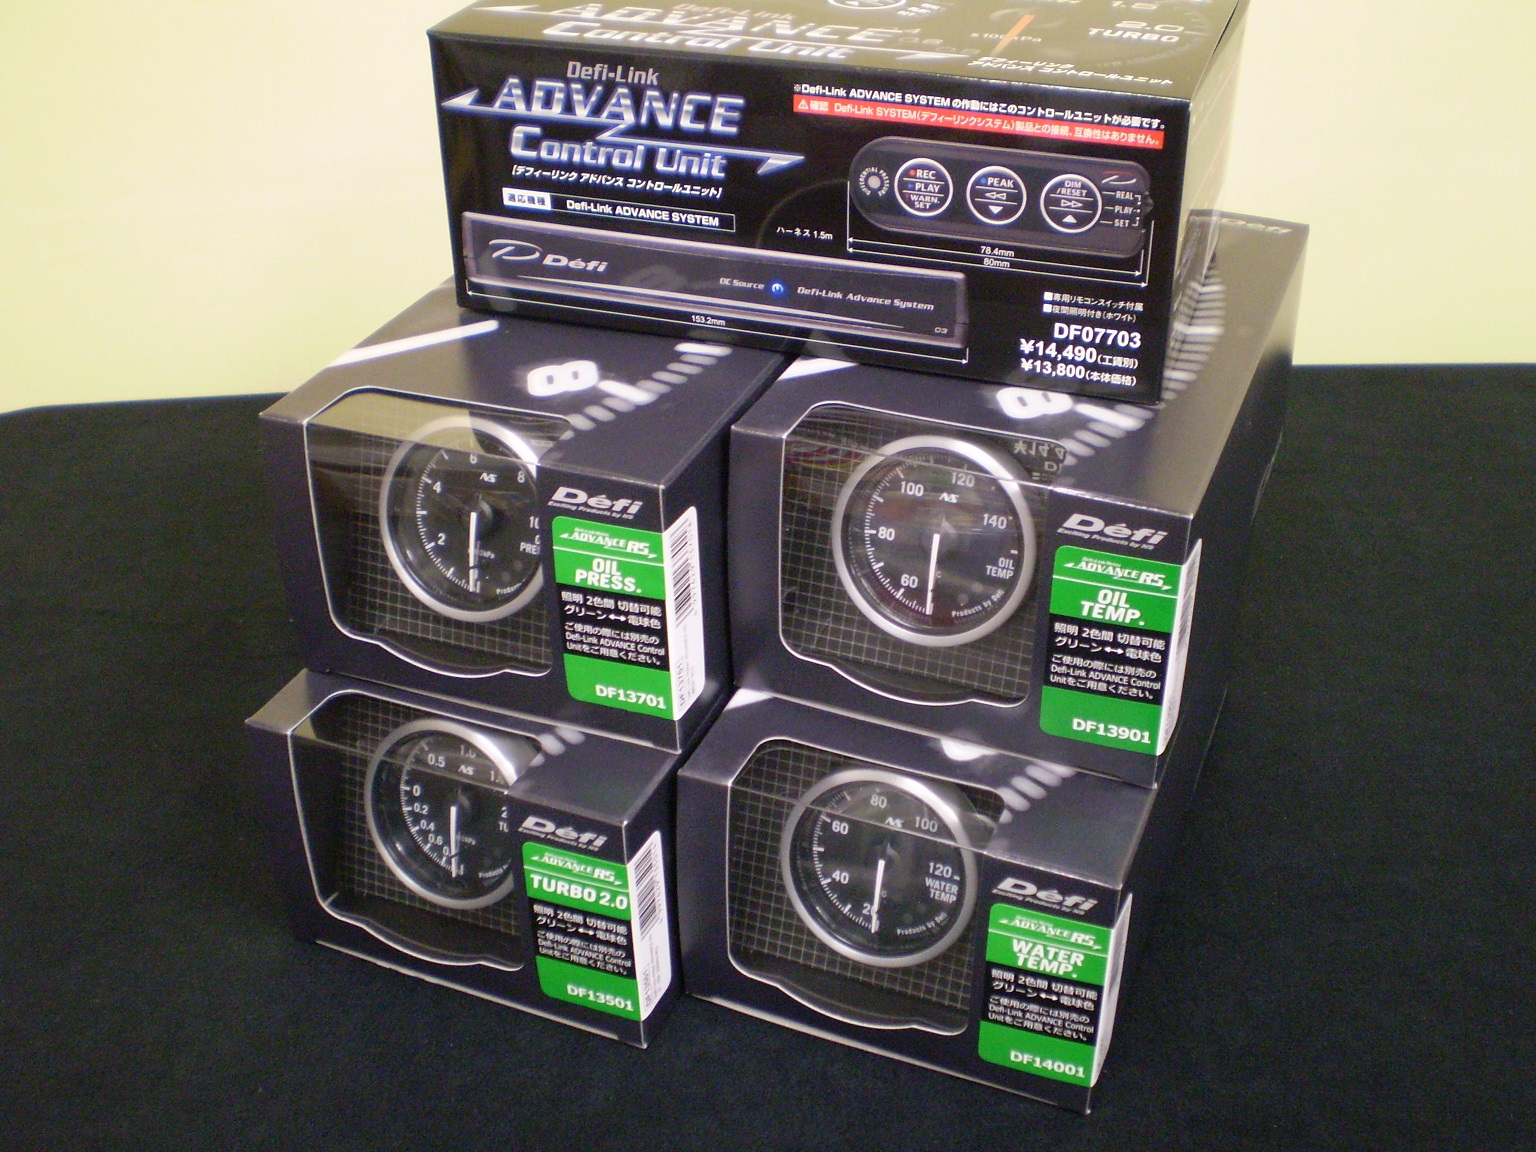 日本精機 Defi デフィ ADVANCE RS 52Φ ブースト計(ターボ計)&水温計&油温計&油圧計&アドバンスコントロールユニット 5点セット「送料無料!!」